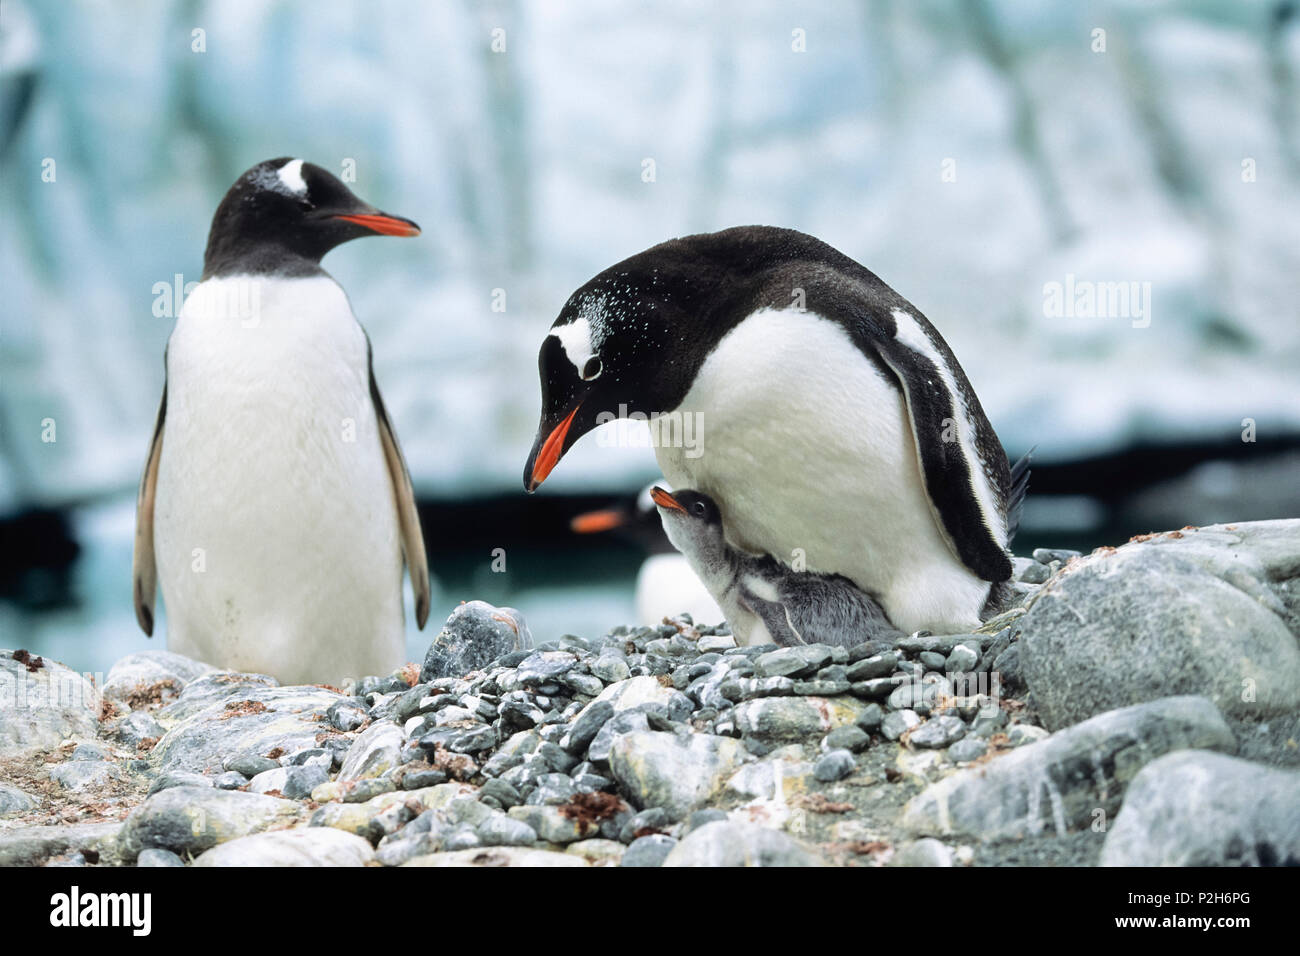 Gentoo Penguin with chick, Pygoscelis papua, Antarctic peninsula, Antarctica Stock Photo